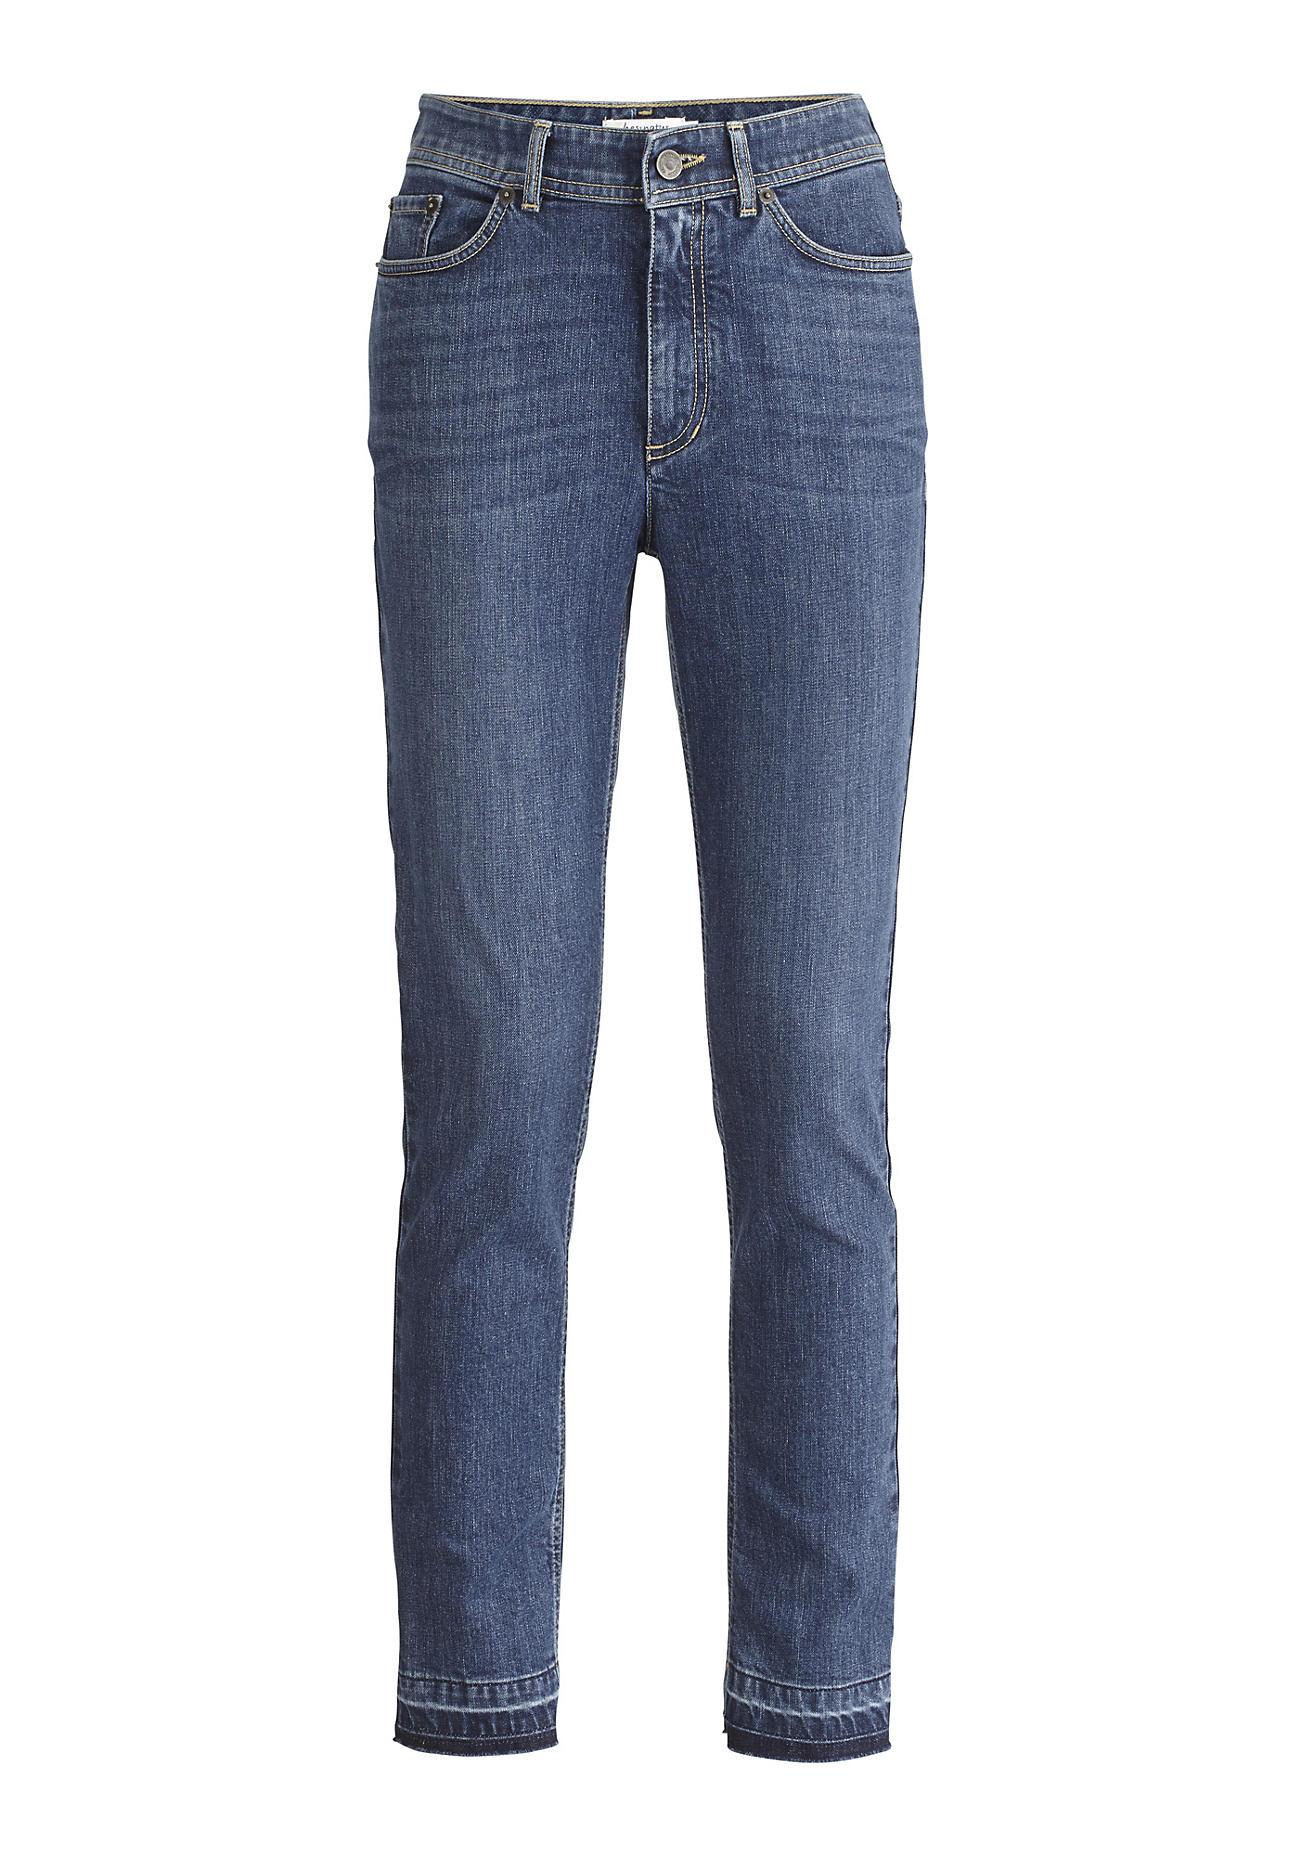 hessnatur Damen Jeans Slim Fit Mid Waist aus Bio-Denim – blau – Größe 38/32